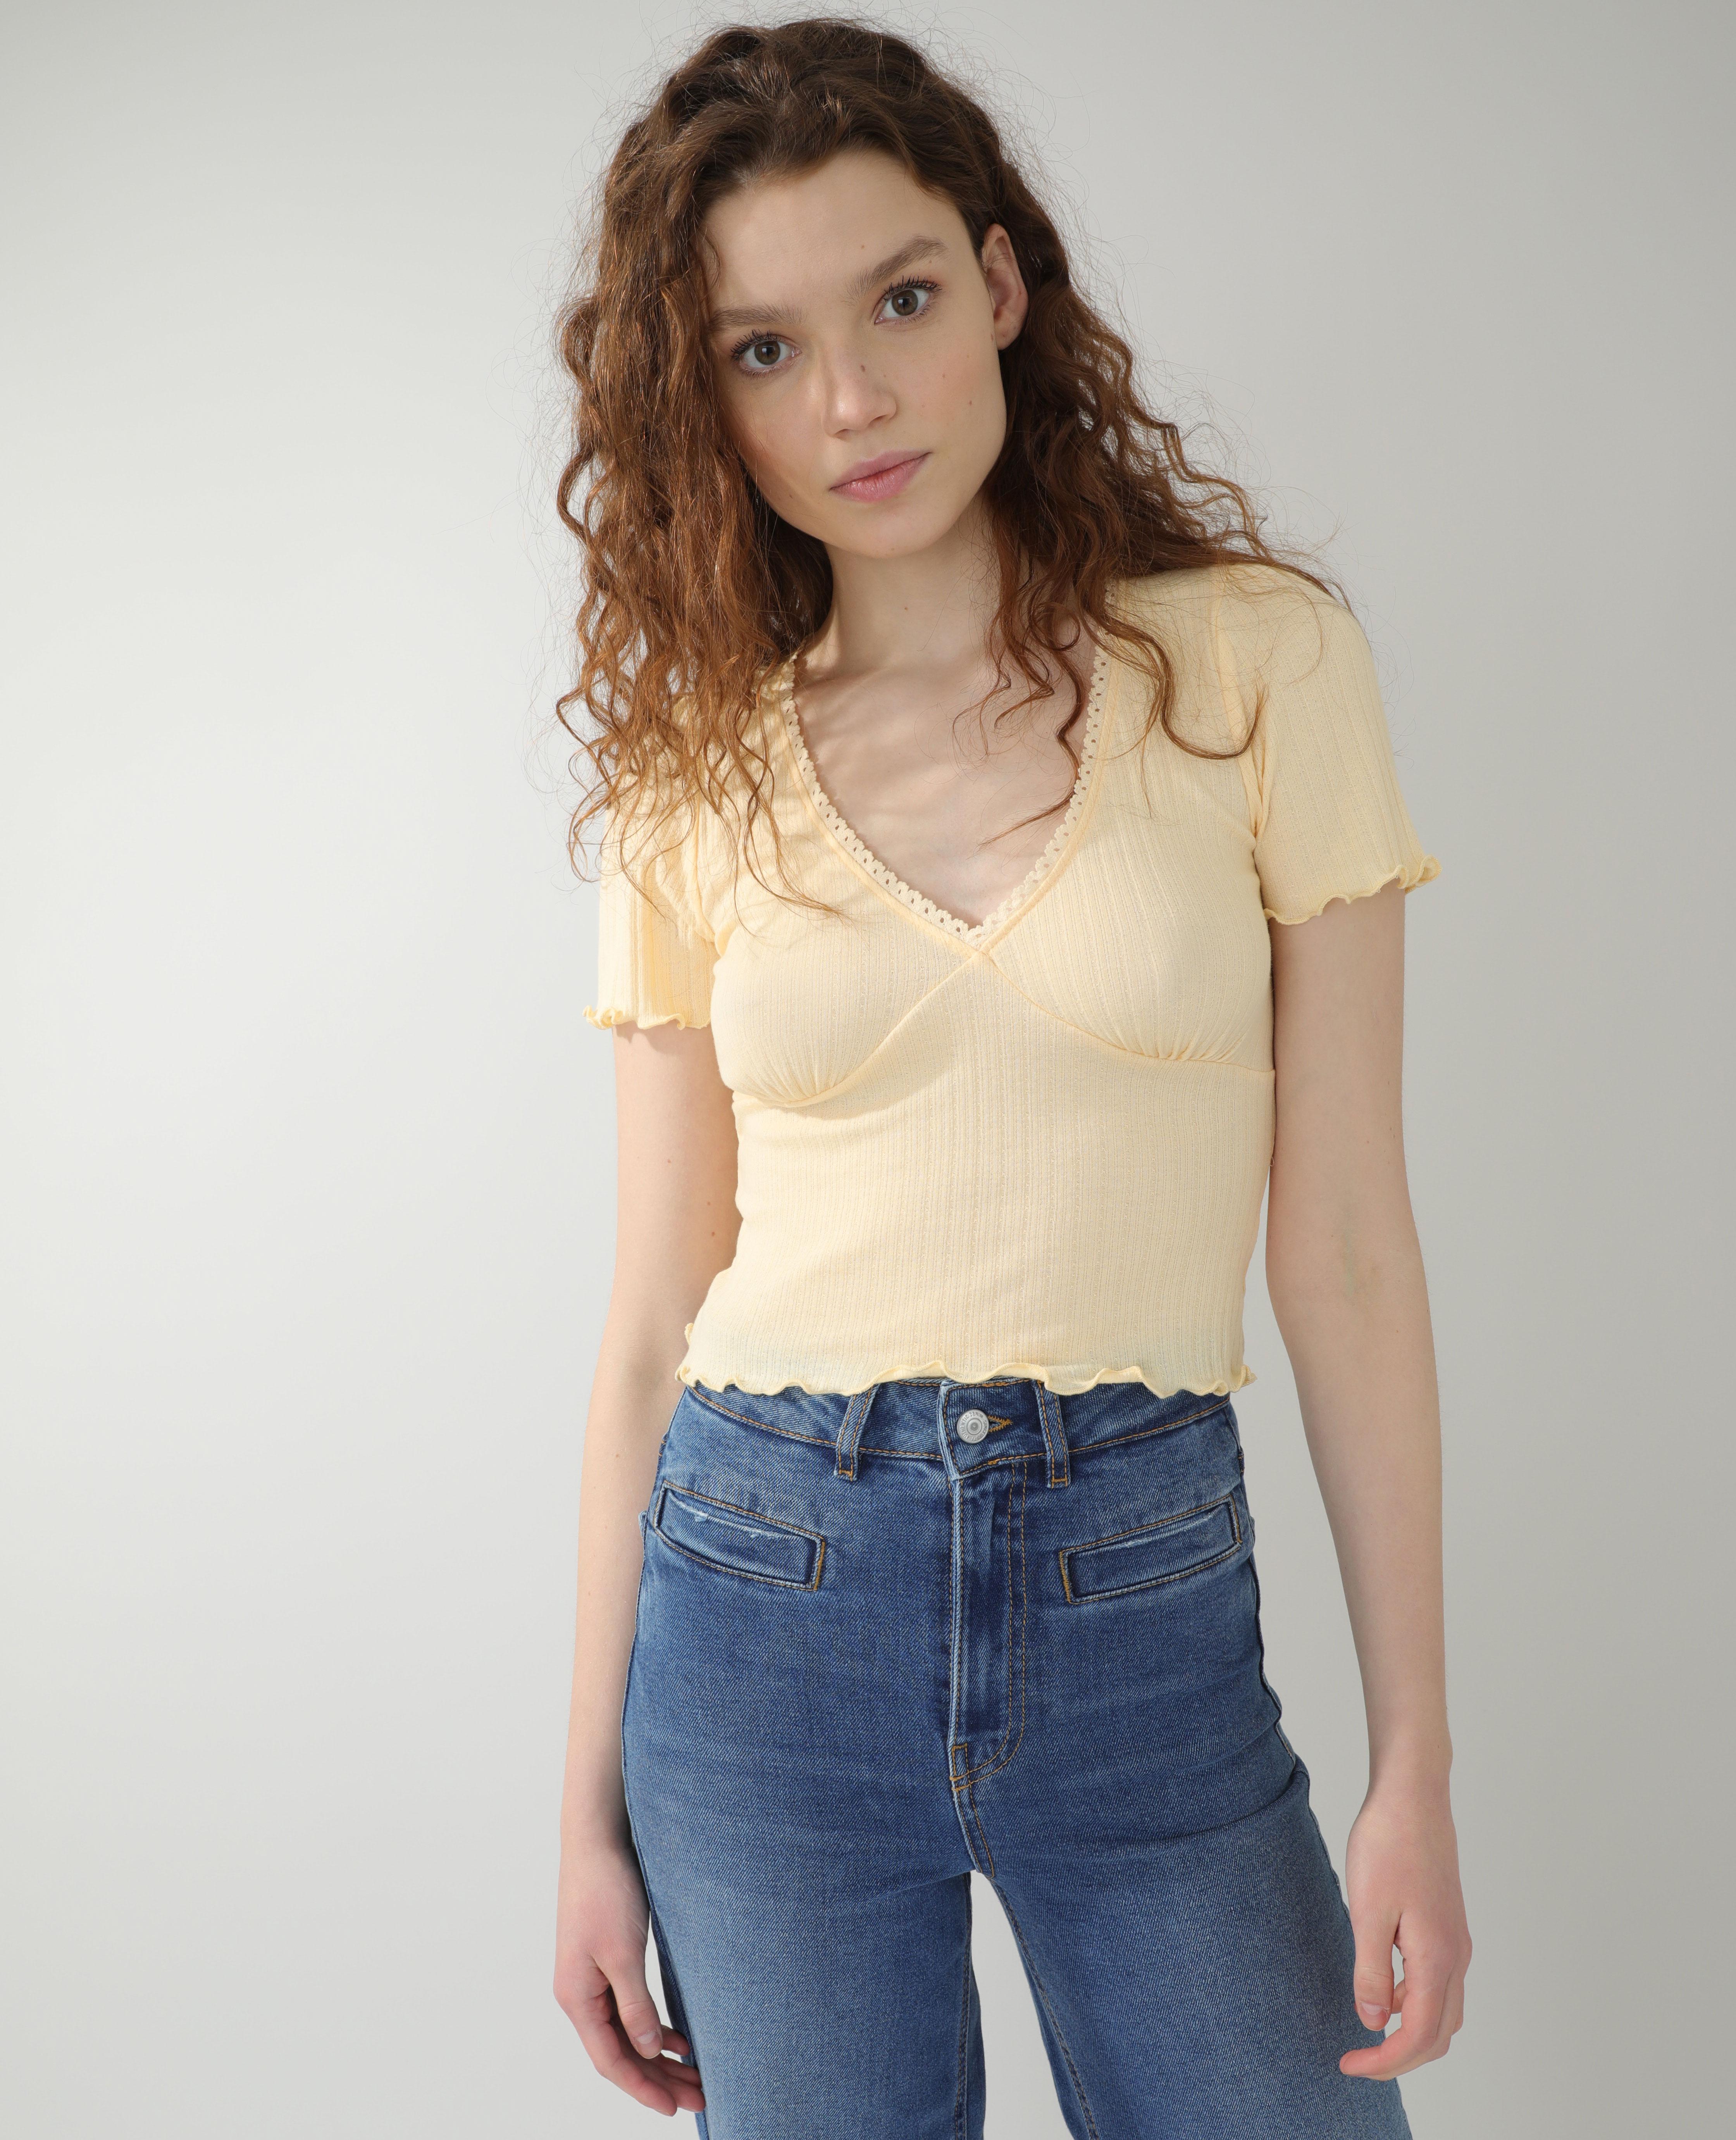 Top roulotté jaune pâle - Pimkie